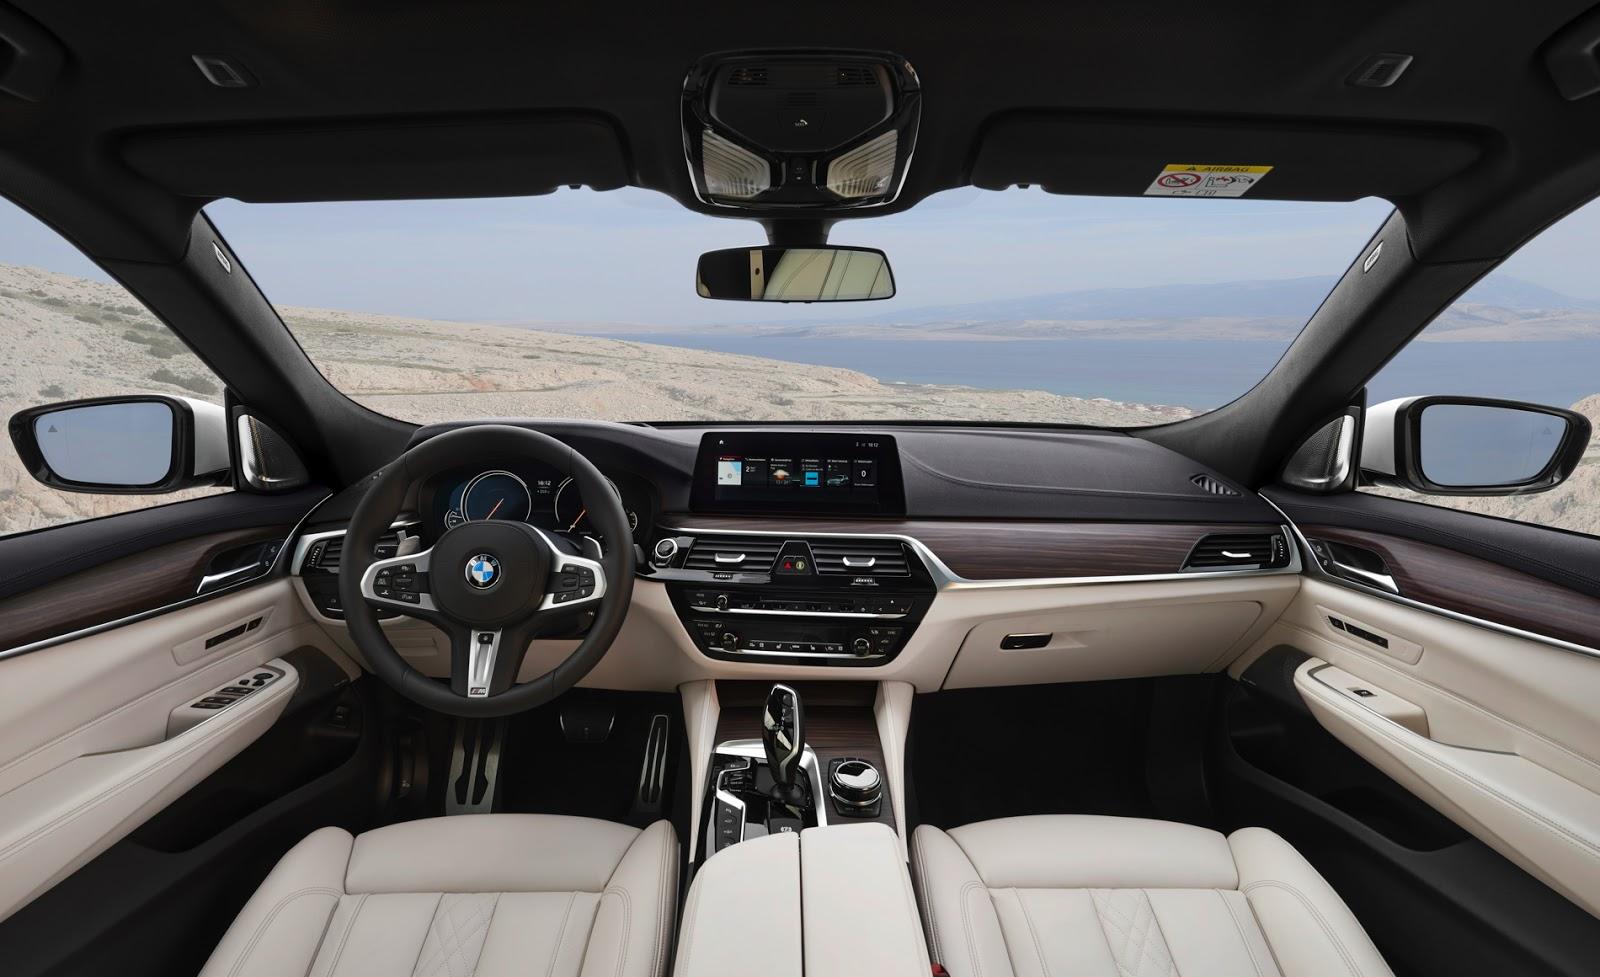 NỘI THẤT CỦA XE BMW 640I